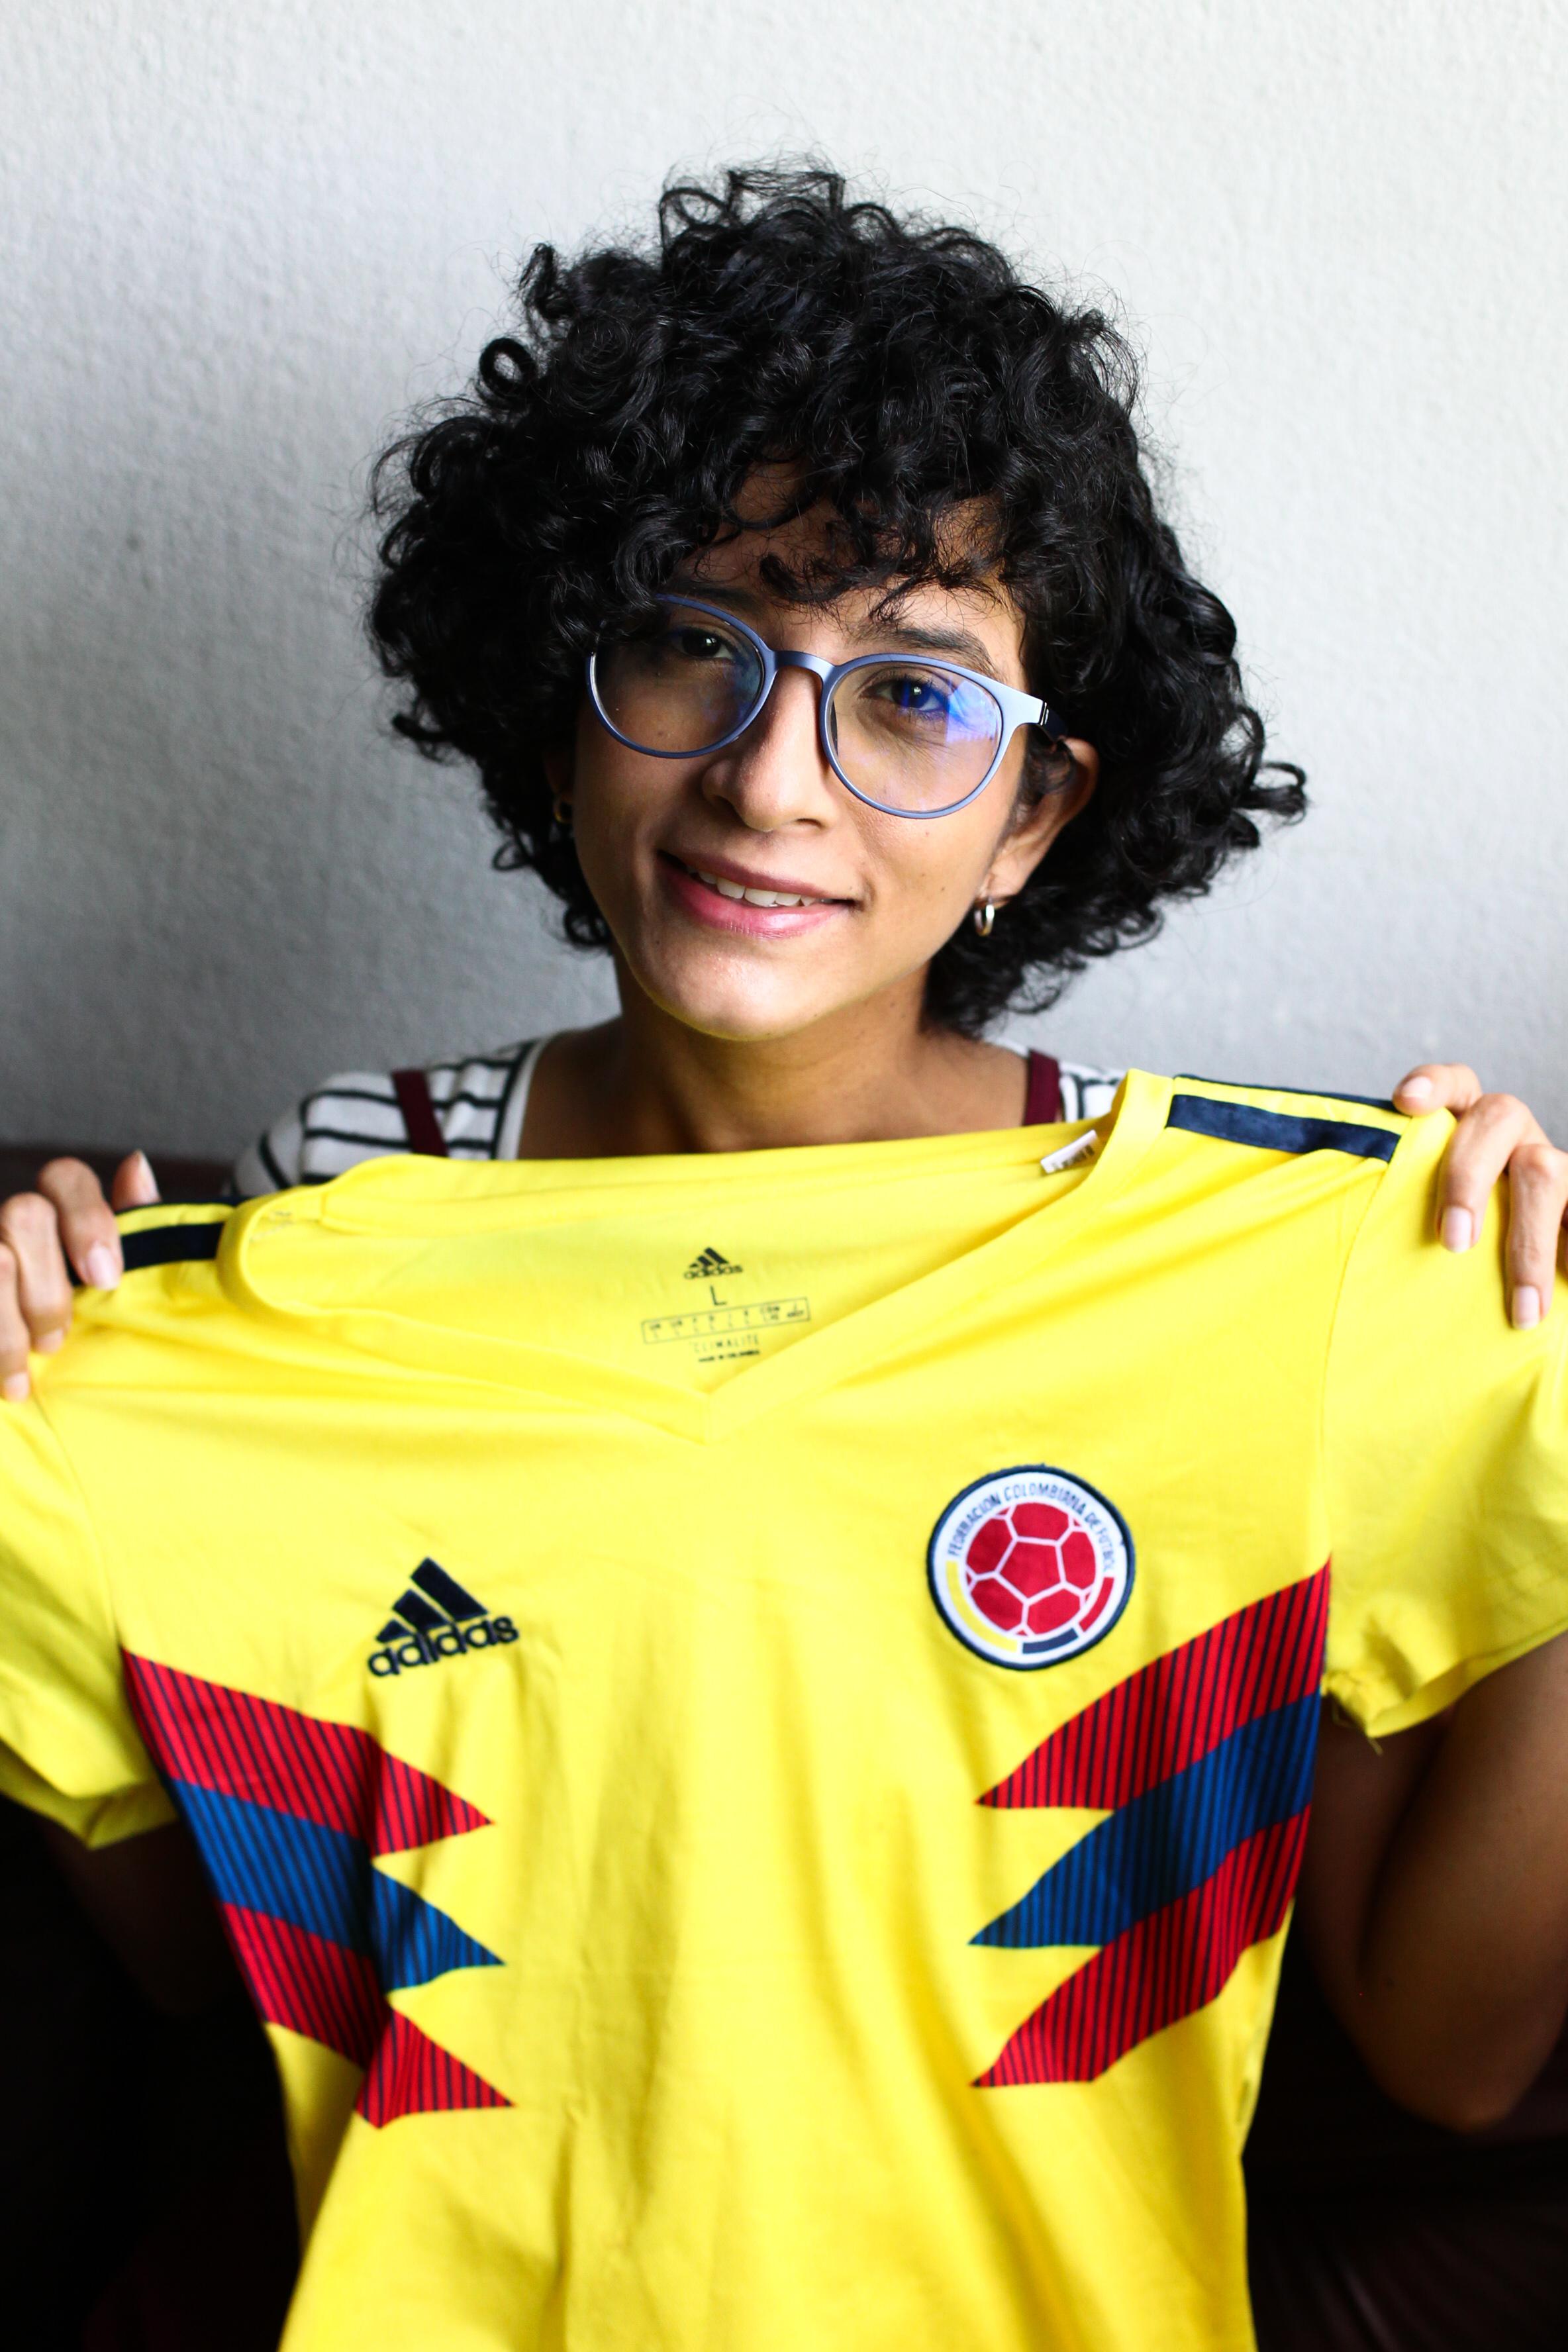 Melina Cantillo Castrillon, engenheira química de 34 anos que após uma curta estadia no Ceará, decidiu mudar-se da Colômbia para fazer do Estado e construiu um novo lar